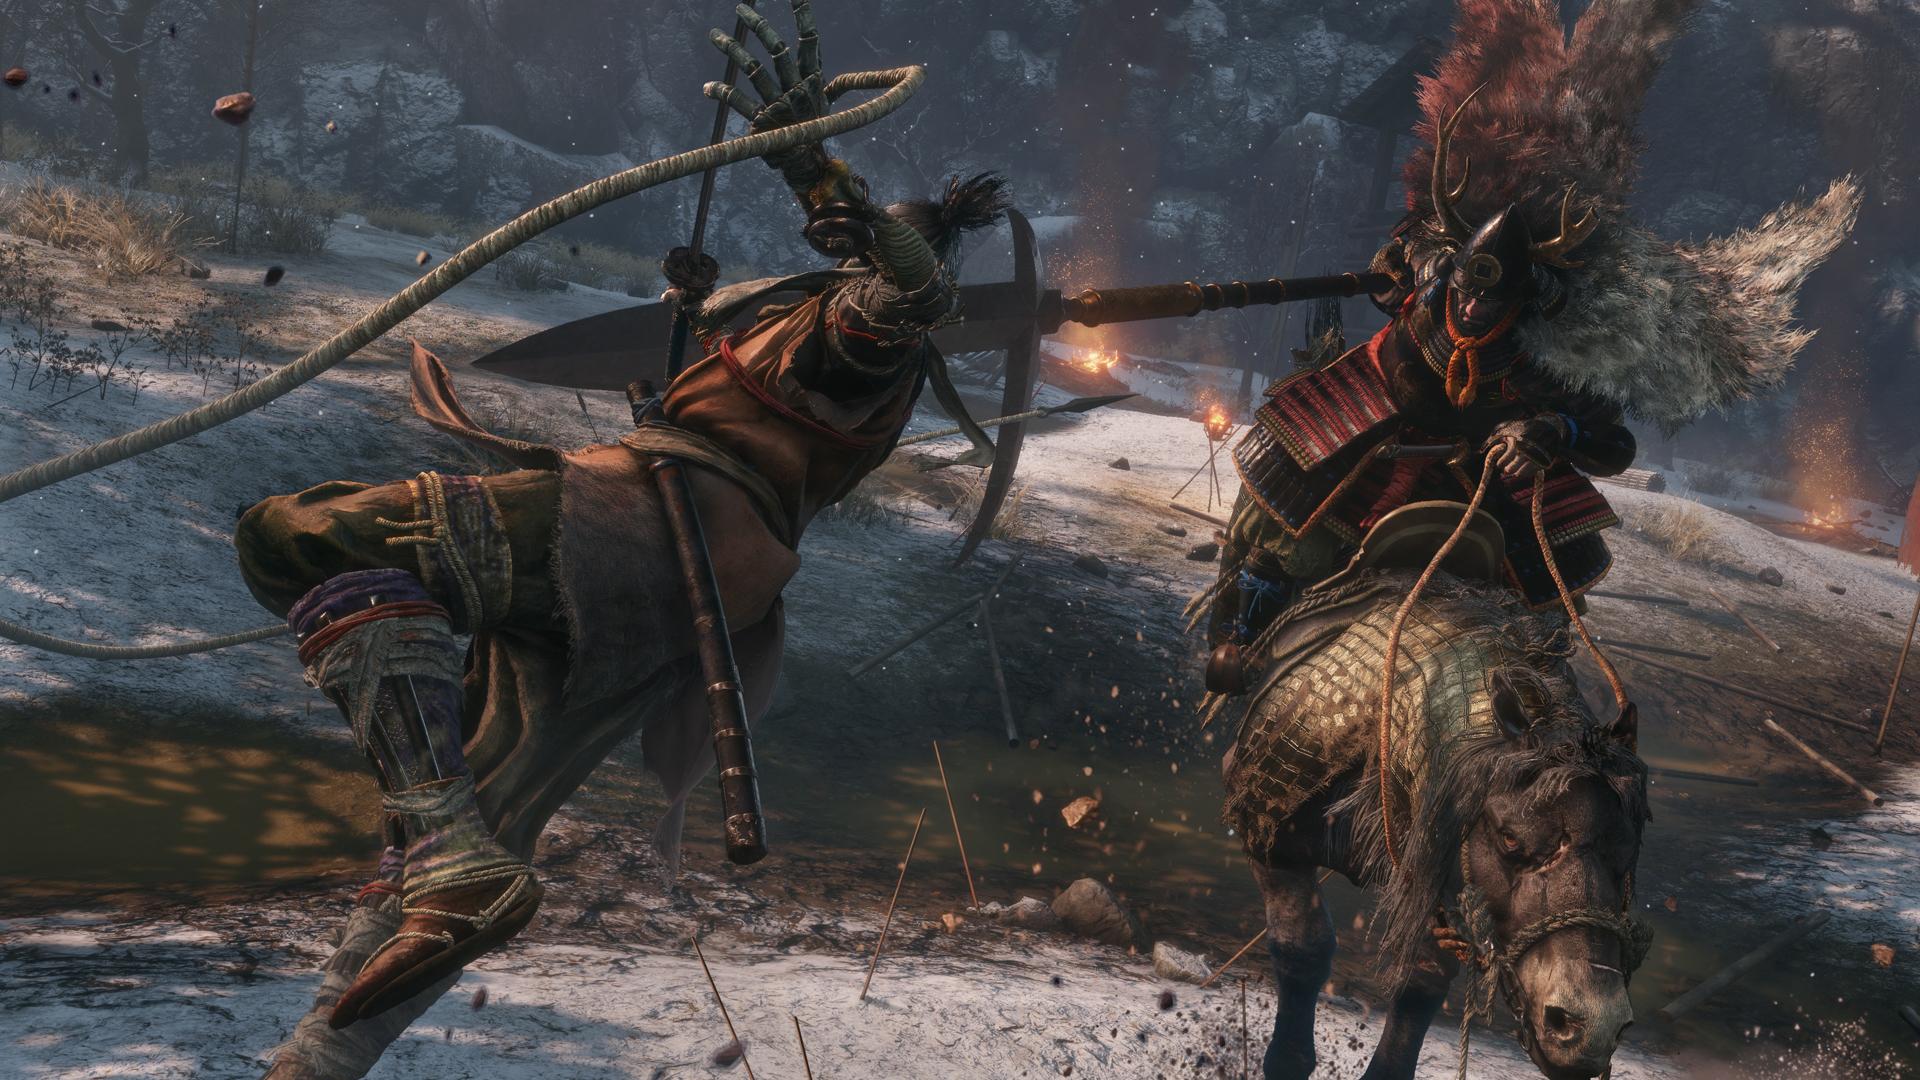 Sekiro battles a samurai on horseback in a screenshot from Sekiro: Shadows Die Twice.